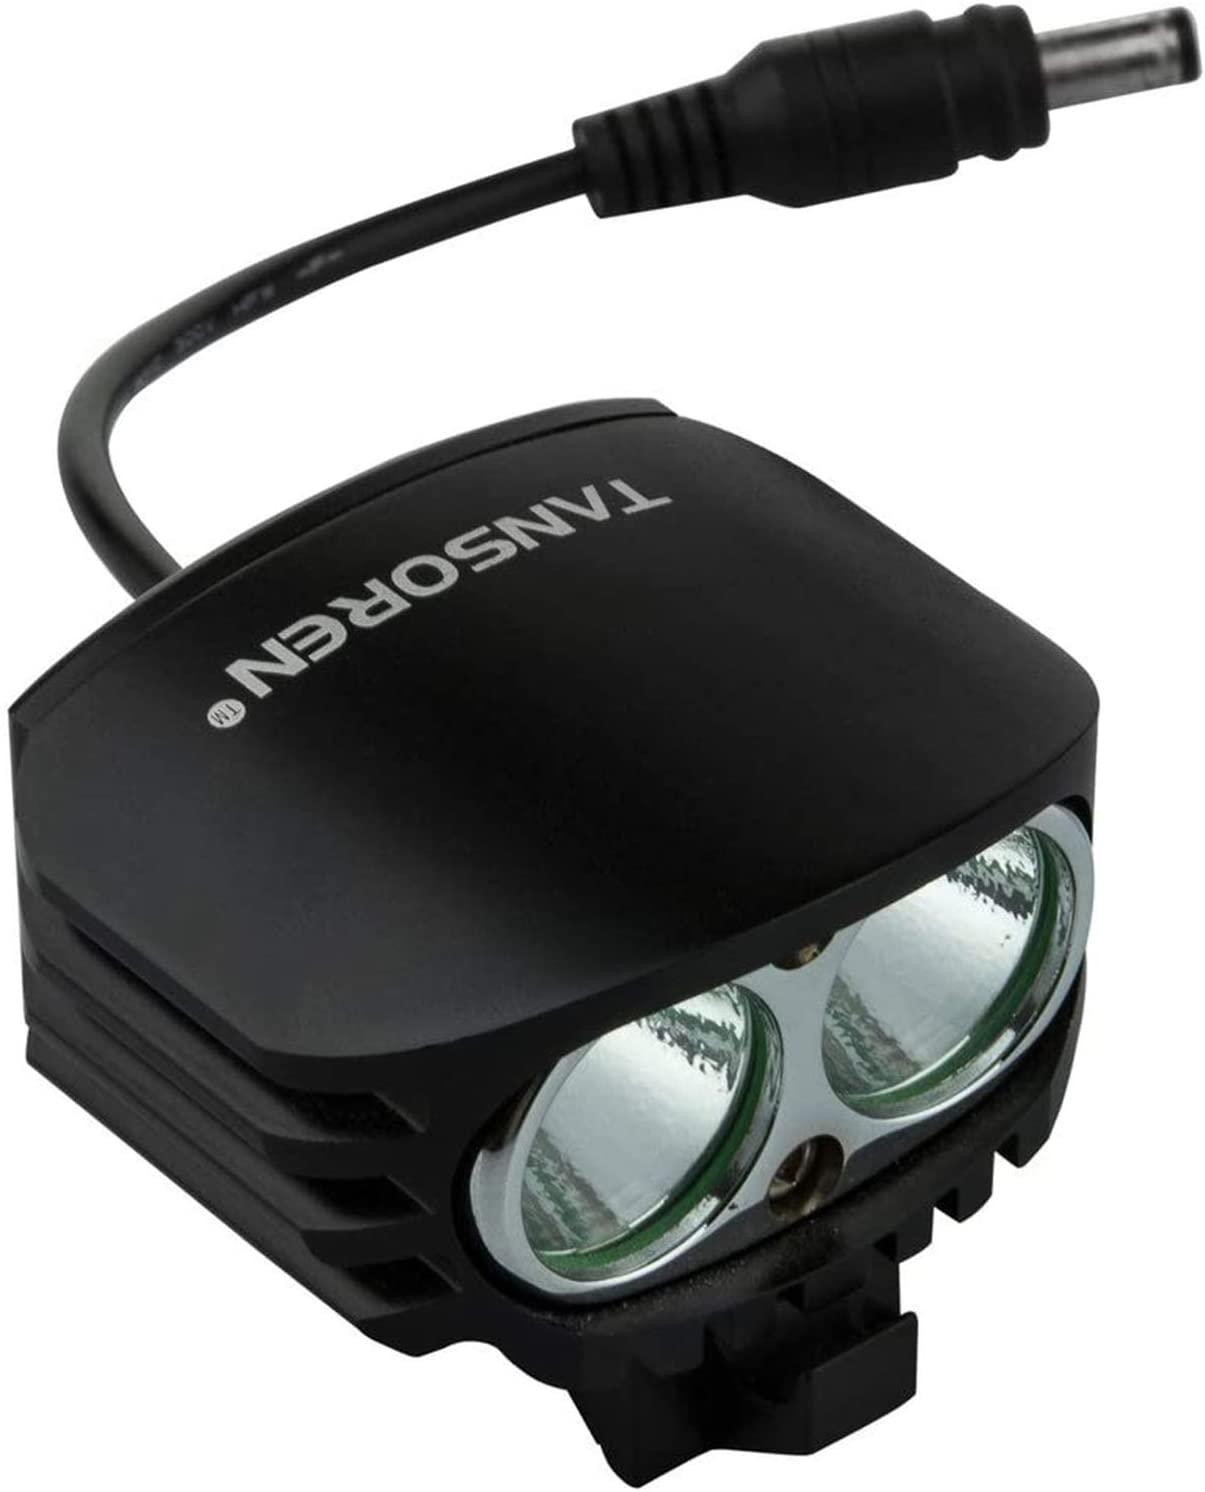 TANSOREN 4000 Lumens Bright Waterproof Bike Headlight